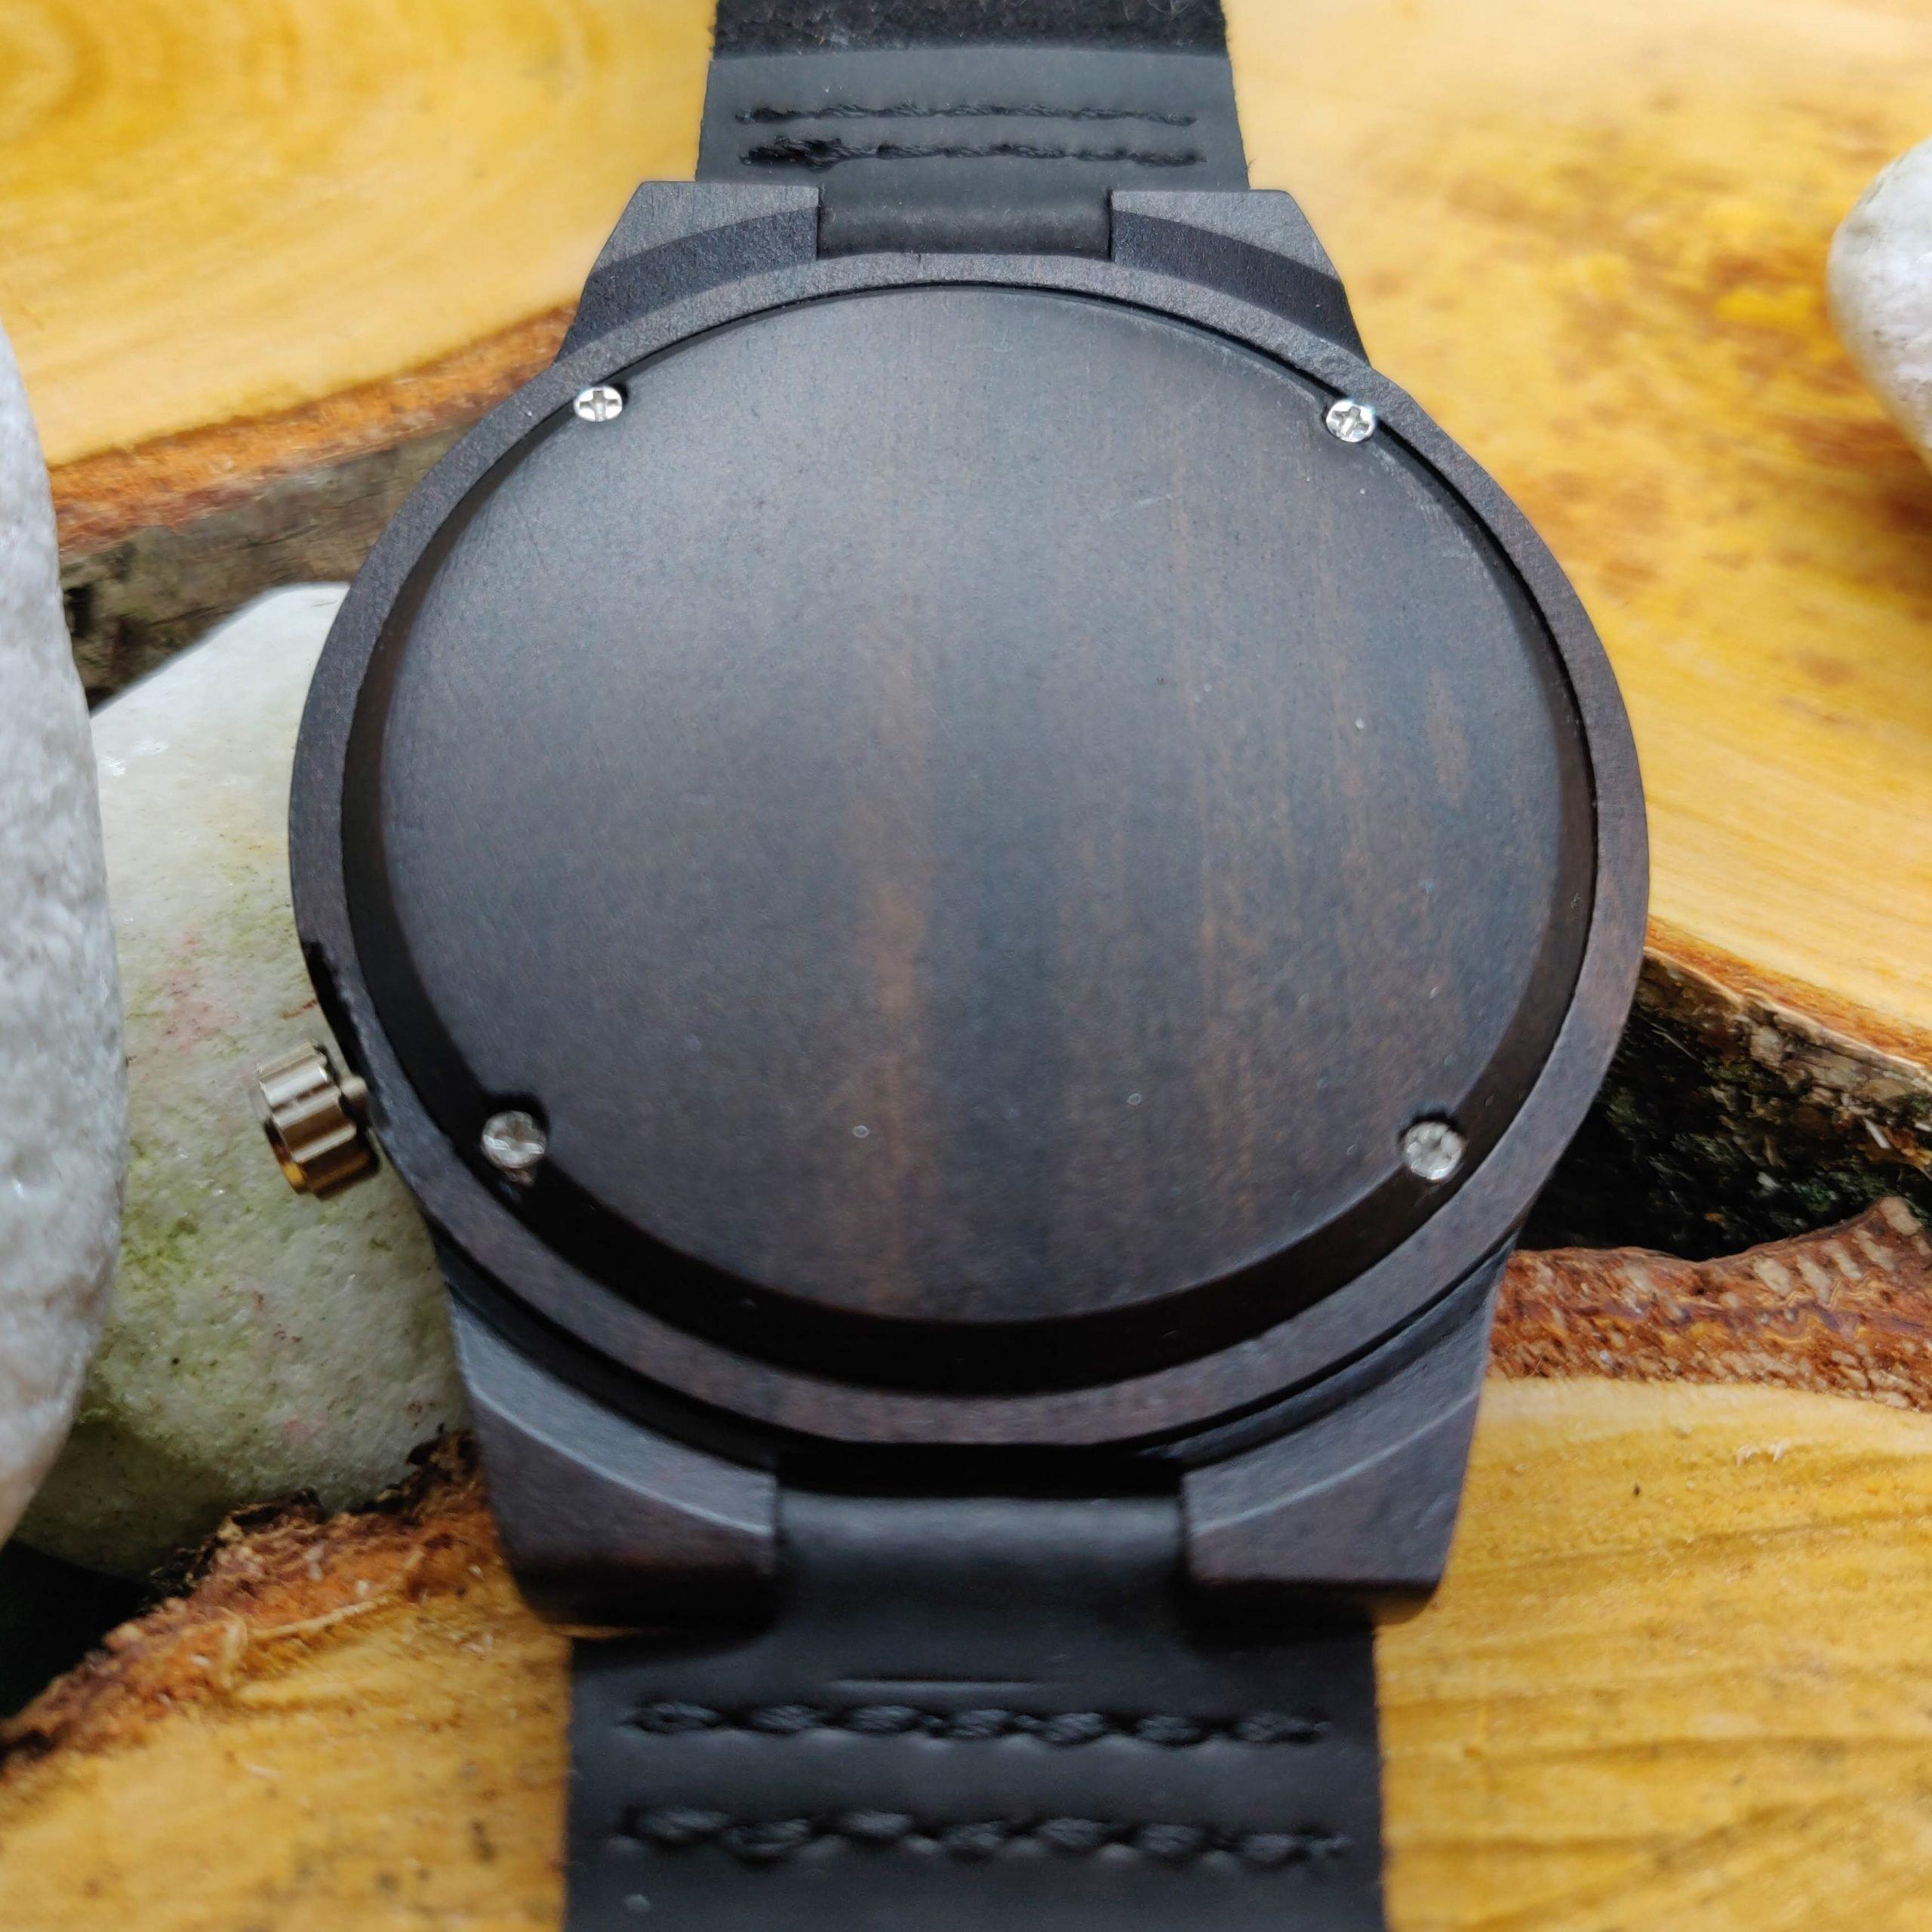 Rugkant-houten-horloge